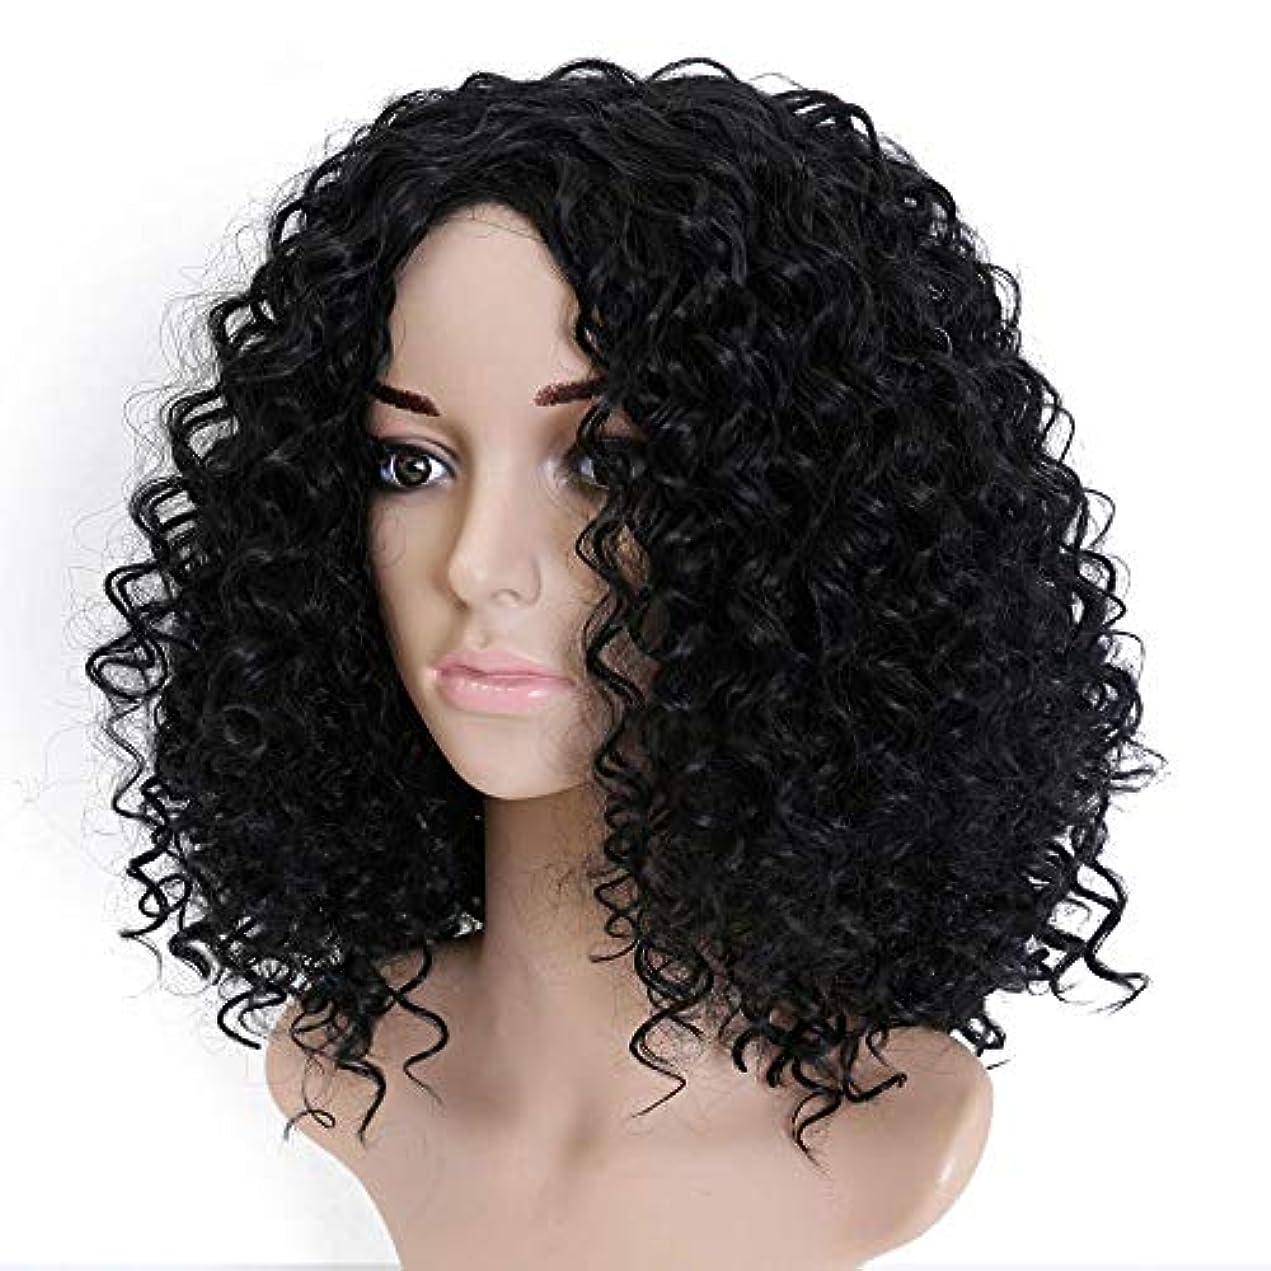 争いビバタイプライター美しく 女性の合成ウィッグ耐熱髪ふわふわのアフリカ系アメリカ人の自然な黒髪用Allaosifyショートアフロ変態カーリーウィッグ (Color : #1B, Stretched Length : 20inches)